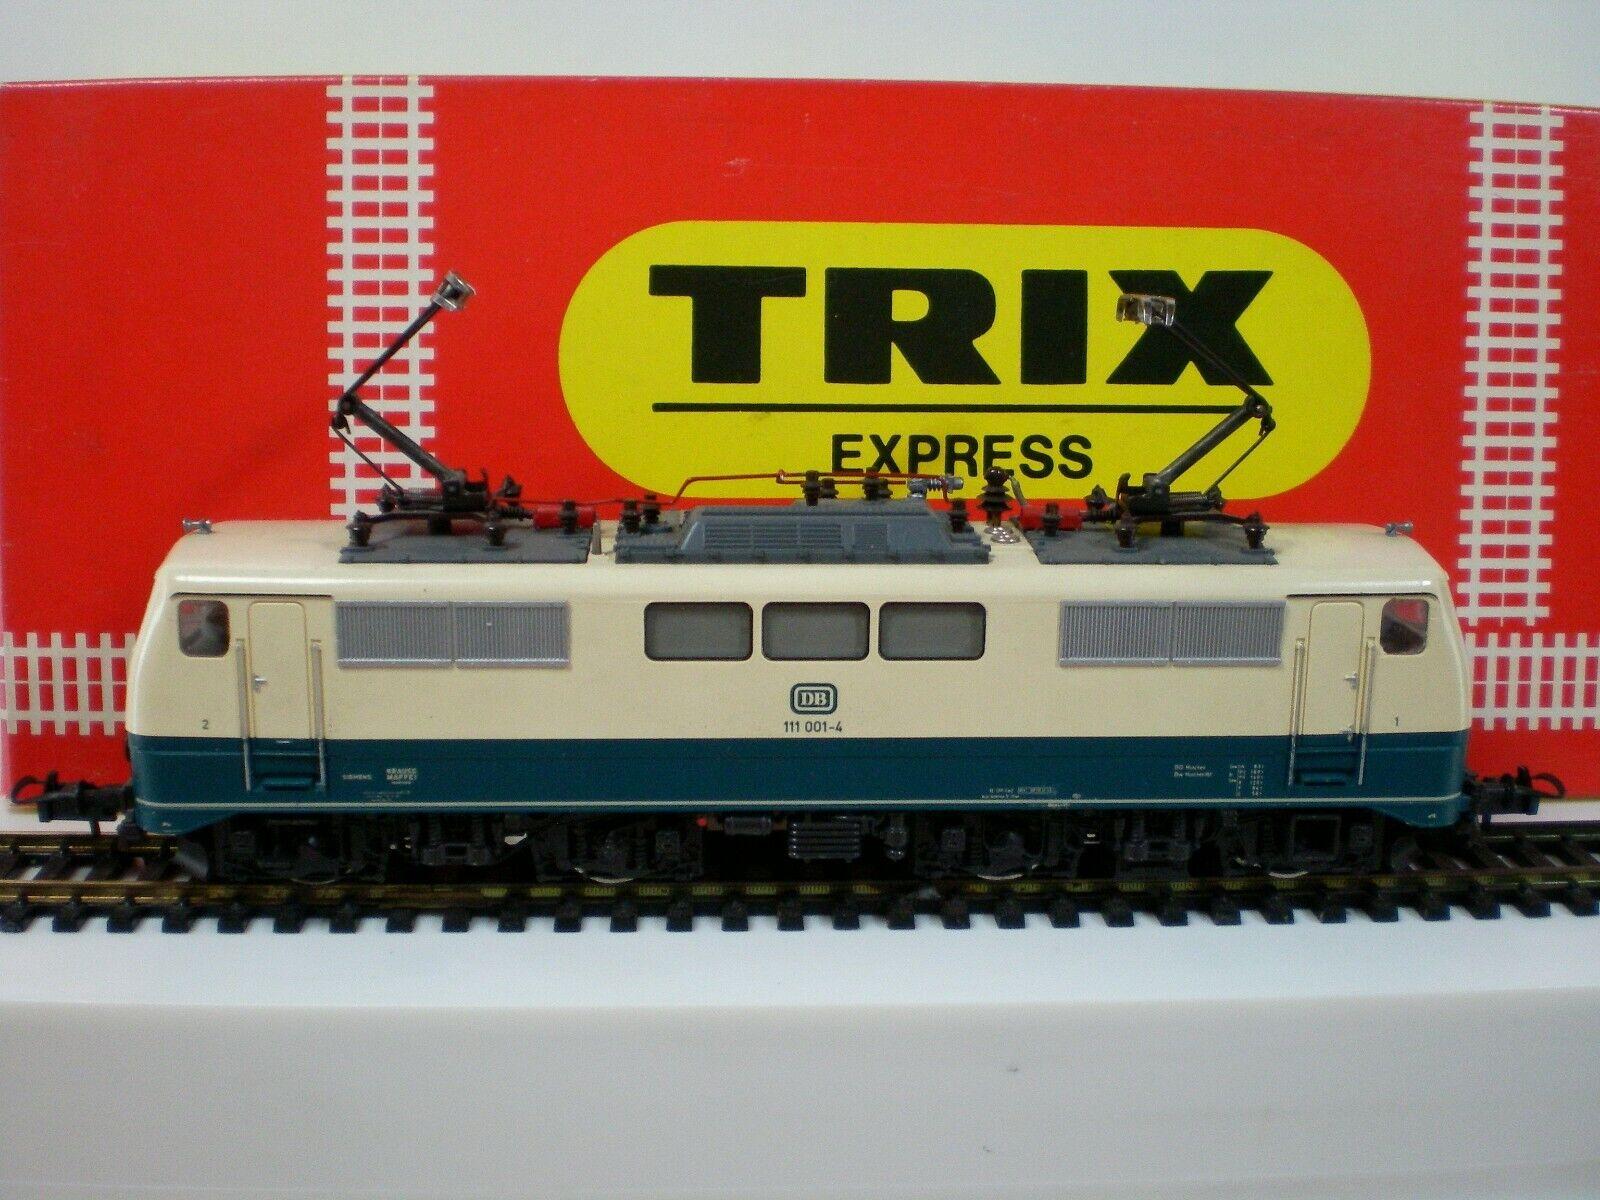 TRIX Express Ho 2253 (297) Locomotore 11 001-4 DB con luci scatola originale